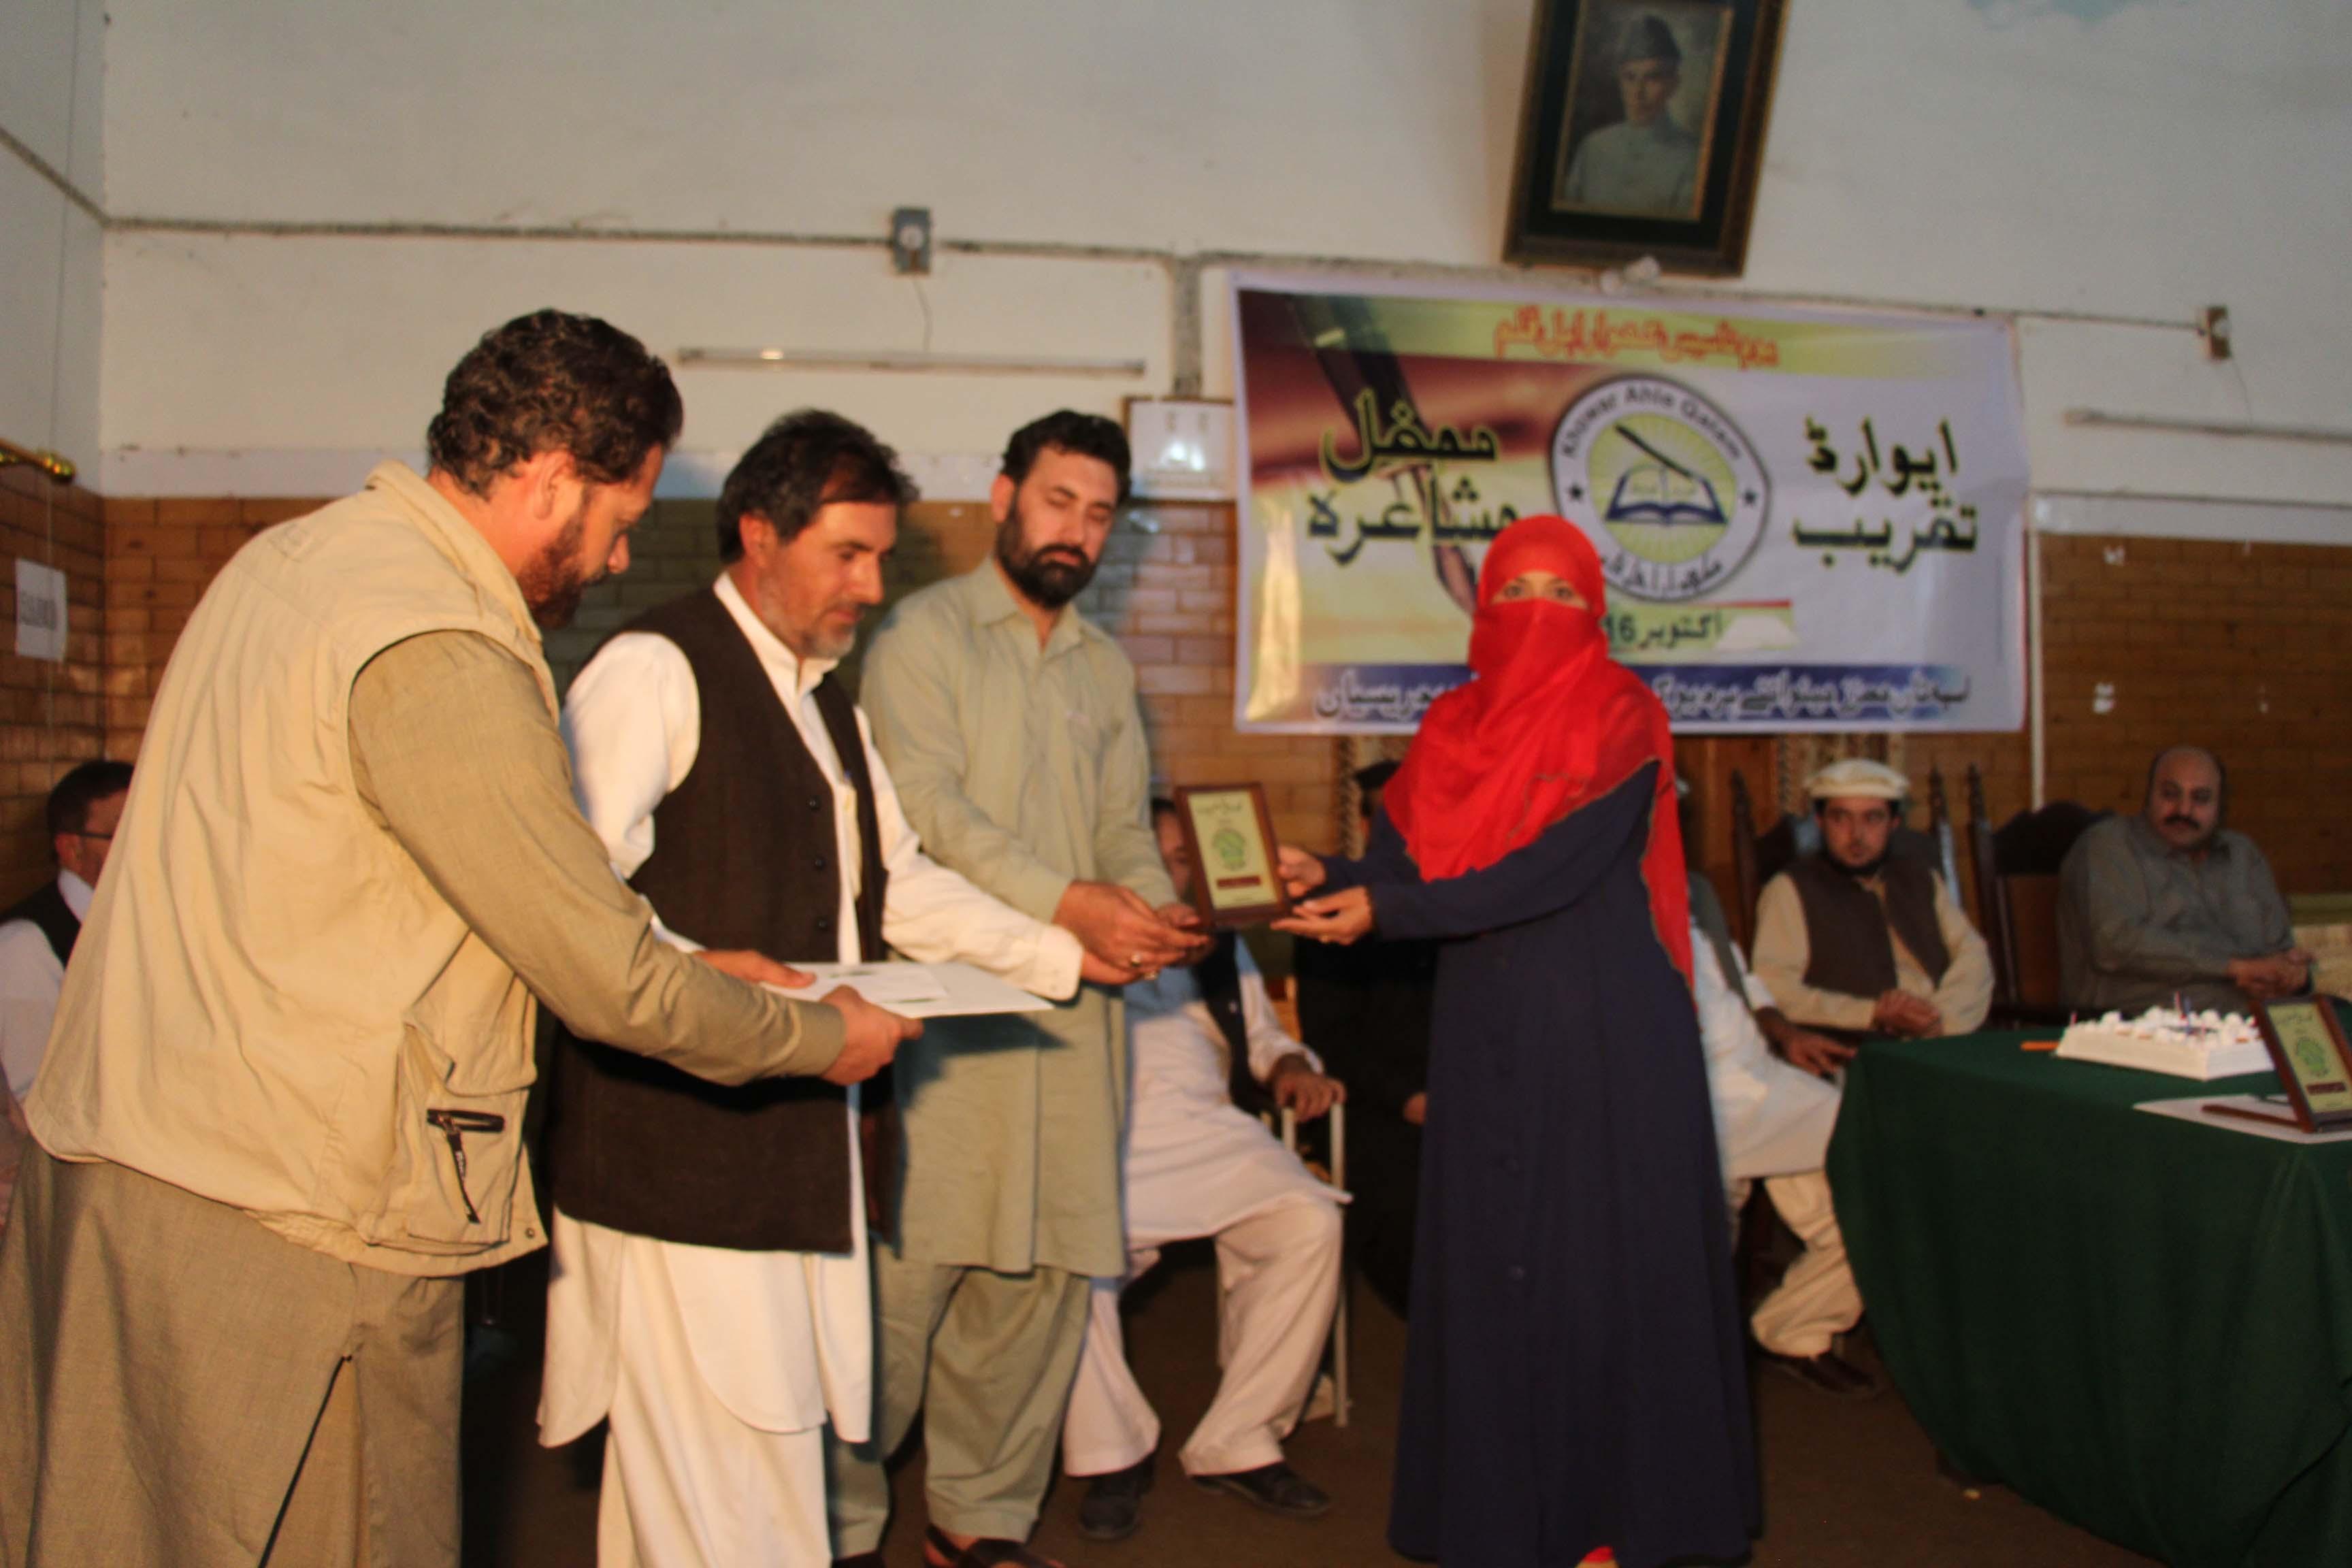 ادبی تنظیم کھواراہل قلم کی یوم تاسیس اور تقسیم انعامات کی تقریب، پہلی بار خواتین کو بھی ایوارڈ ز دئیے گئے